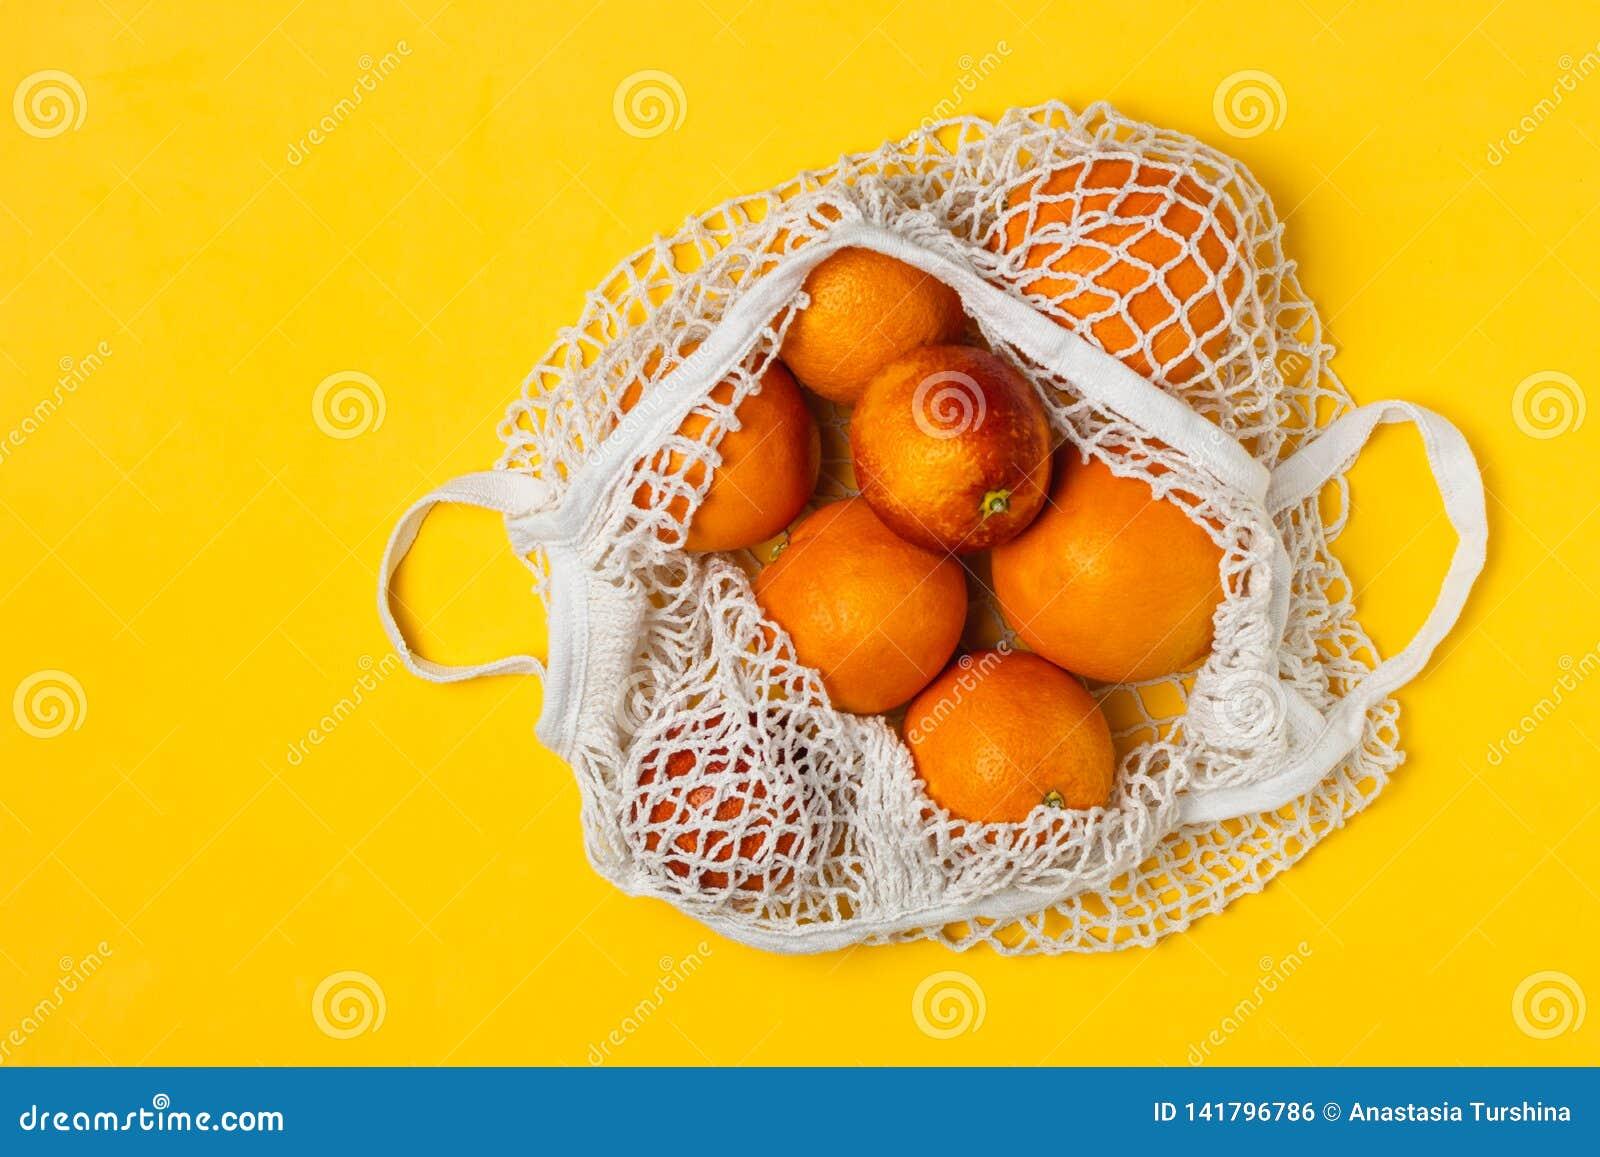 Organiska blodiga apelsiner i den återvinningsbara påsen för bomullsingrepp, gul bakgrund - återanvända, hållbar livsstil, nollav